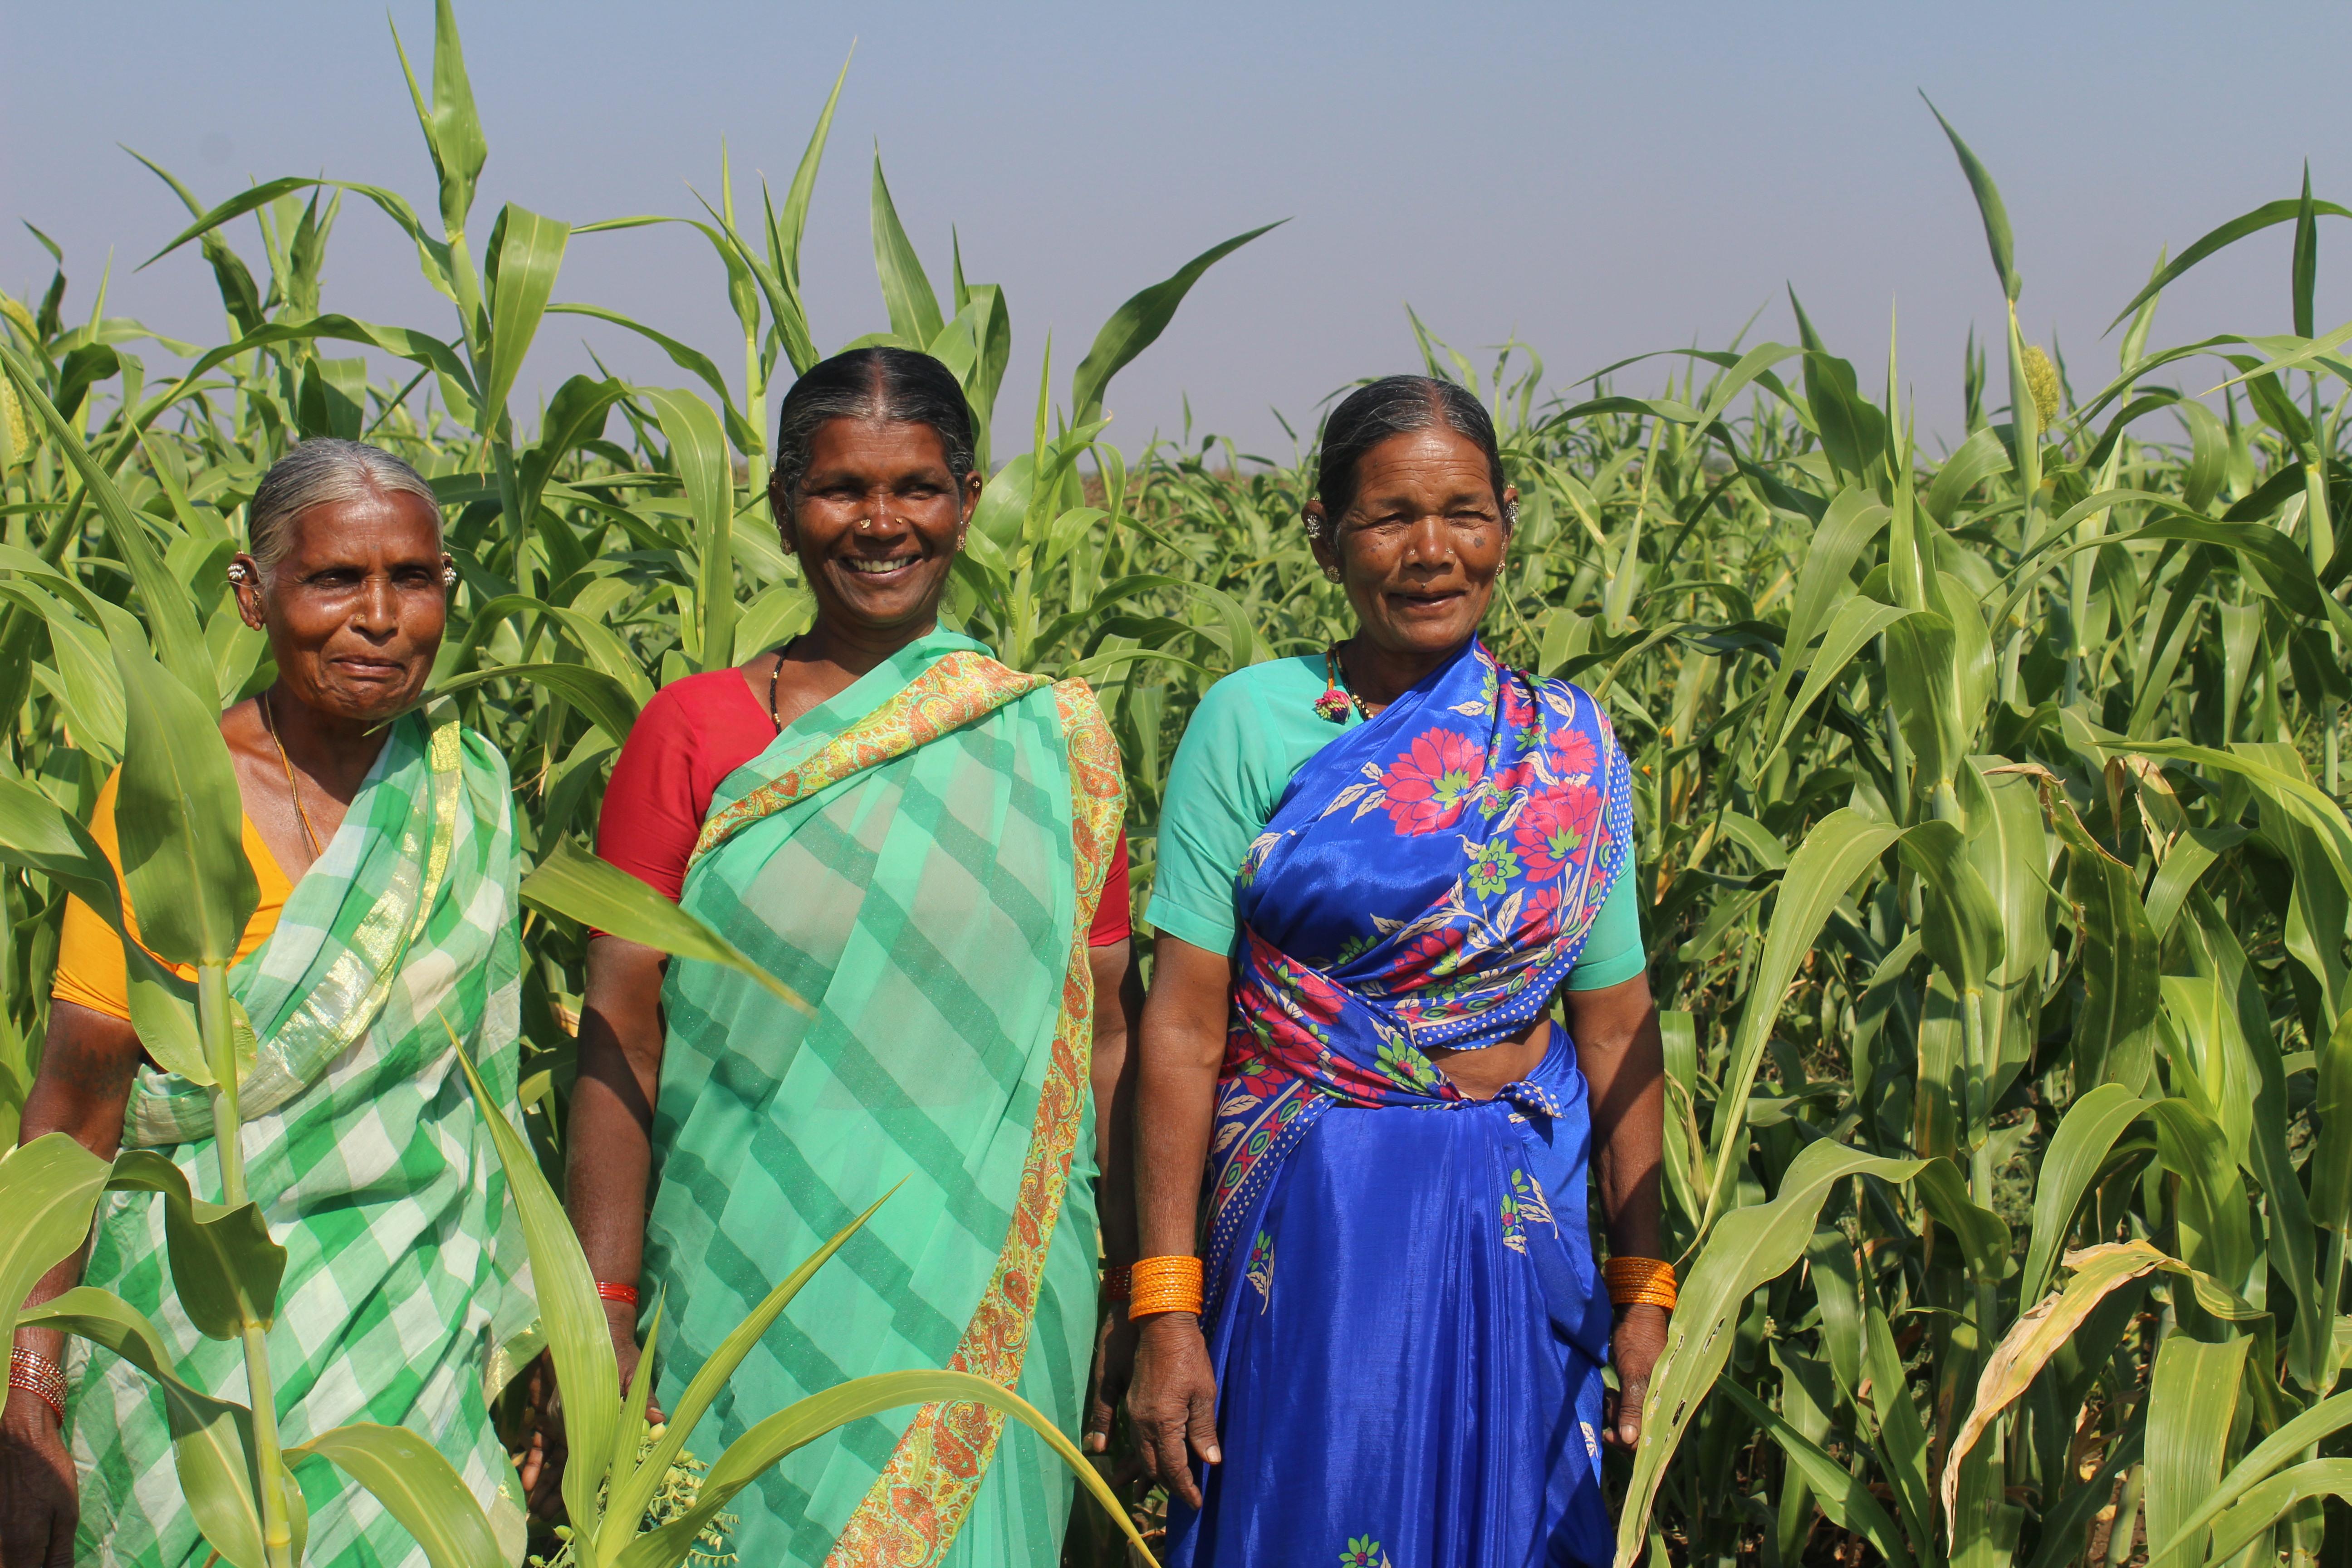 Chandramma, Sammamma och Kamlamma är med i det nystartade nätverket för kvinnliga milletsbönder. Foto Elin Gidlöf.